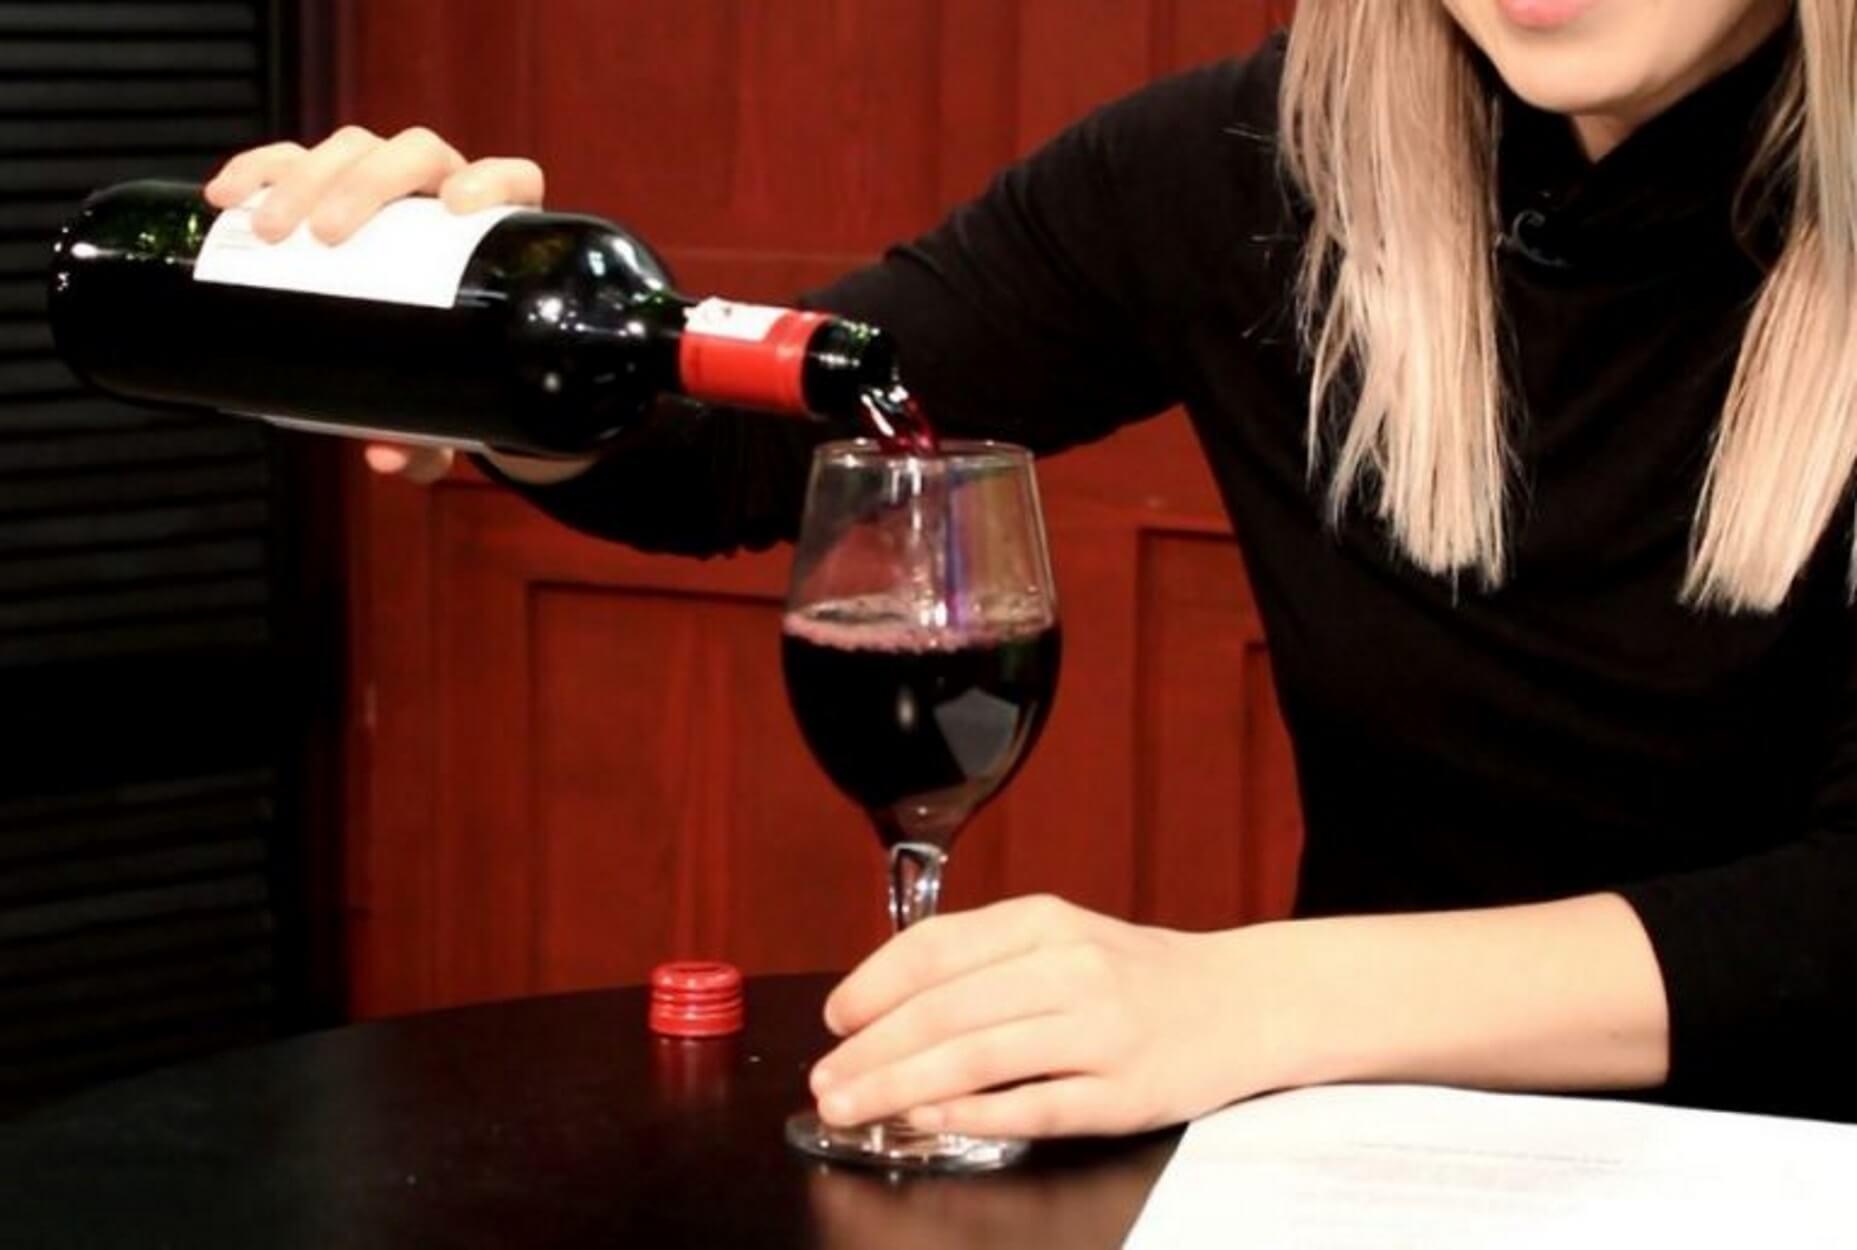 Διάσημη ηθοποιός σταματά το ποτό για χάρη του παιδιού της! video